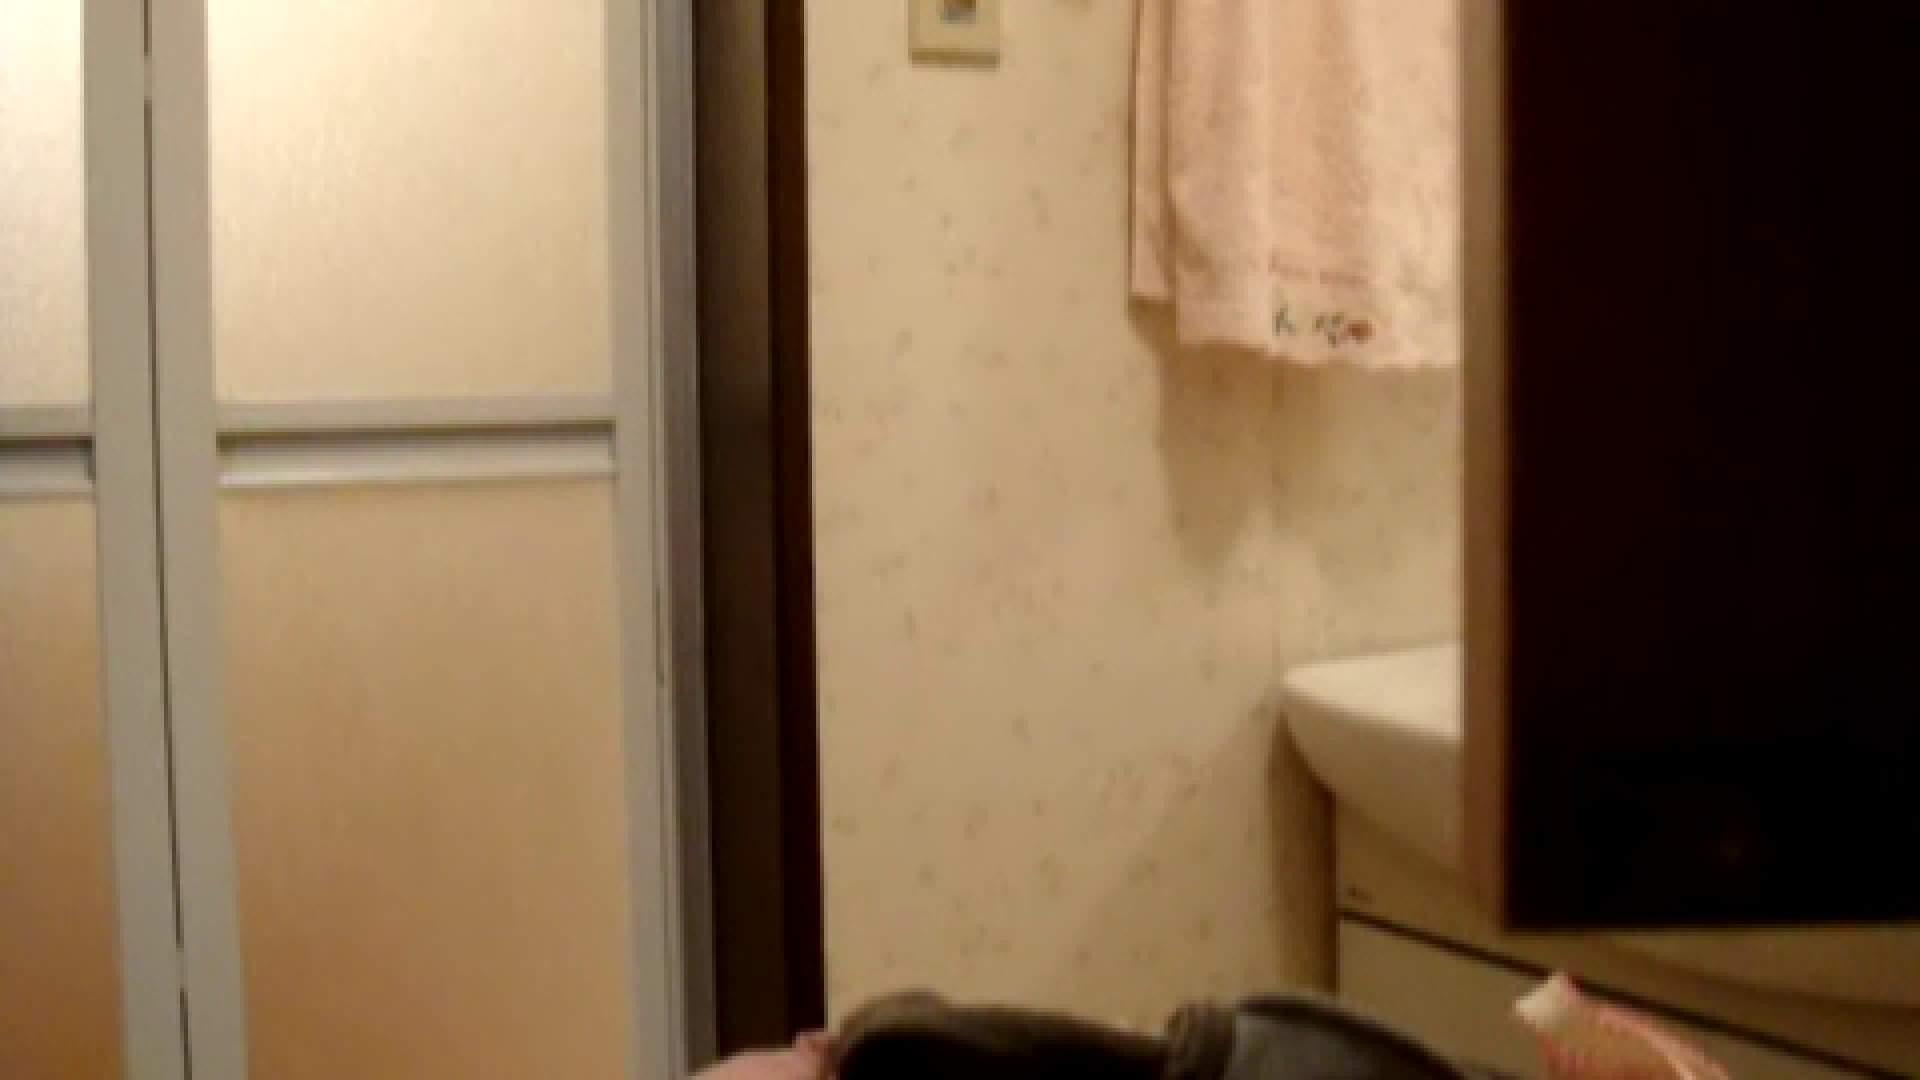 二人とも育てた甲斐がありました… vol.08 まどかの入浴中にカメラに気付いたか!? 綺麗なOLたち | 入浴  90枚 87